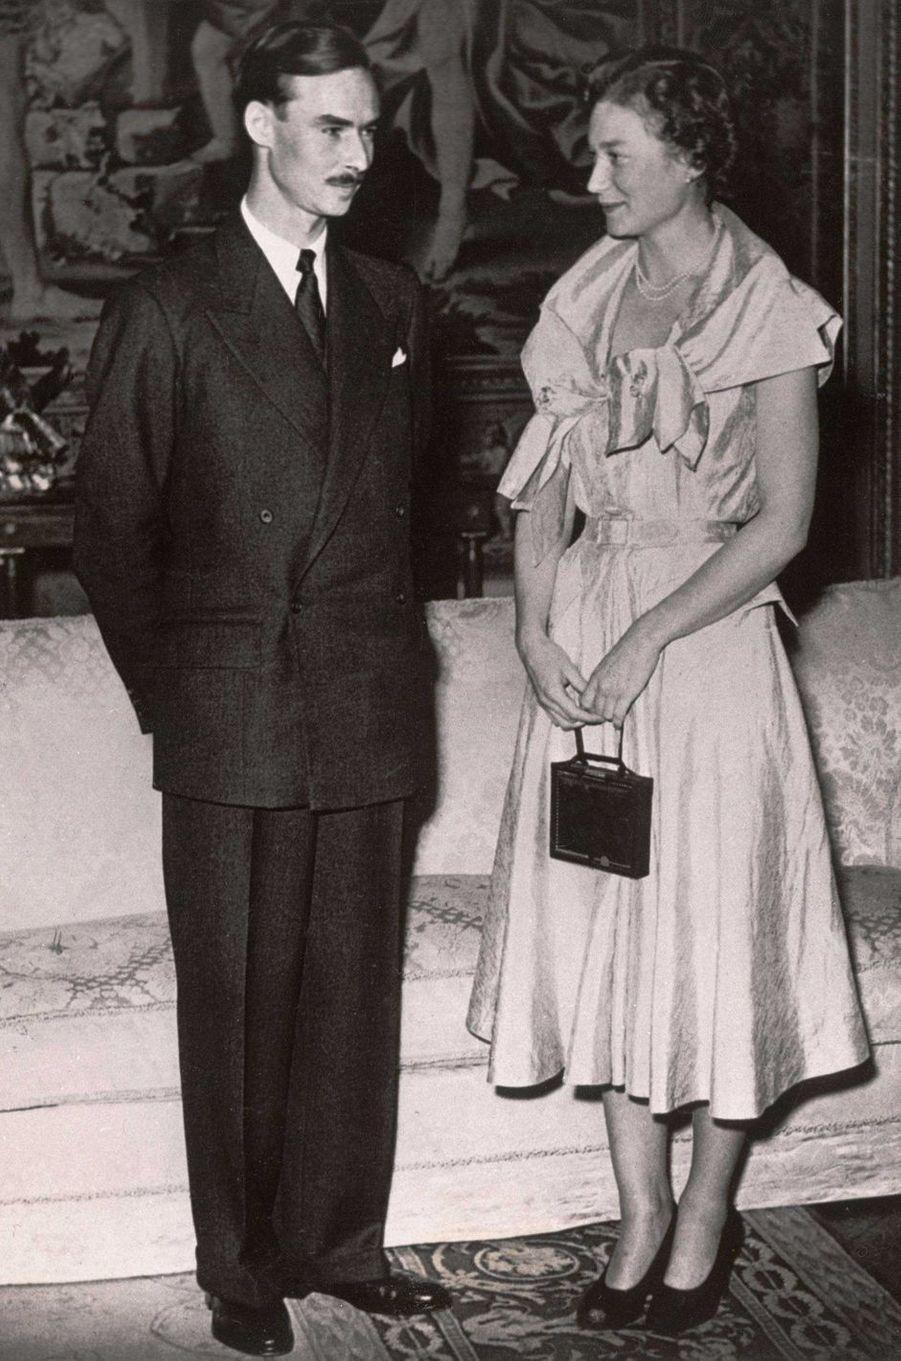 Le prince Jean de Luxembourg avec la princesse Joséphine-Charlotte de Belgique avant leur mariage, le 15 novembre 1952